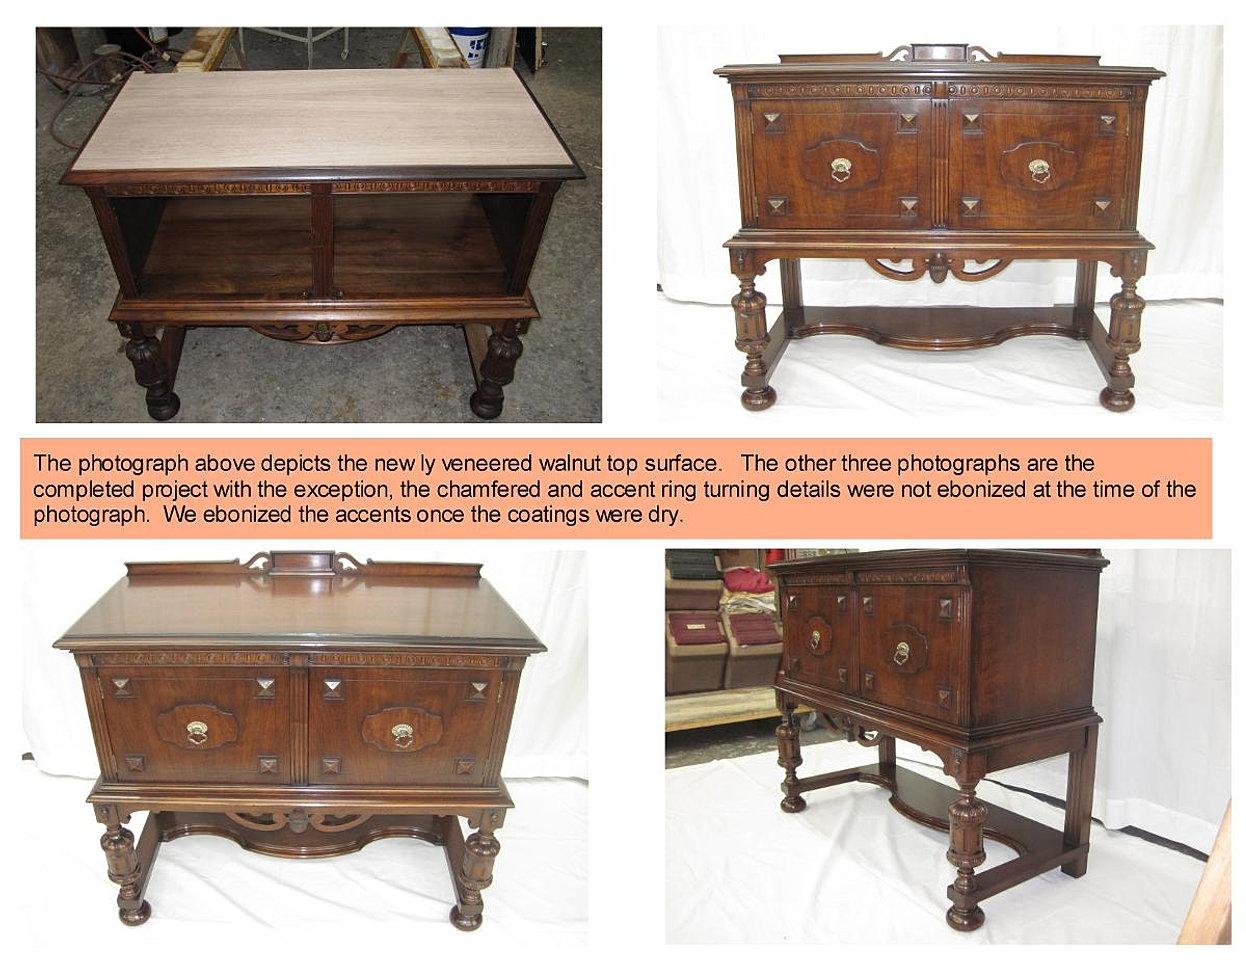 antique server repair restoration; antique server repair restoration ... - Rosini Furniture Service - Long Island, NY Fine Furniture Restoration